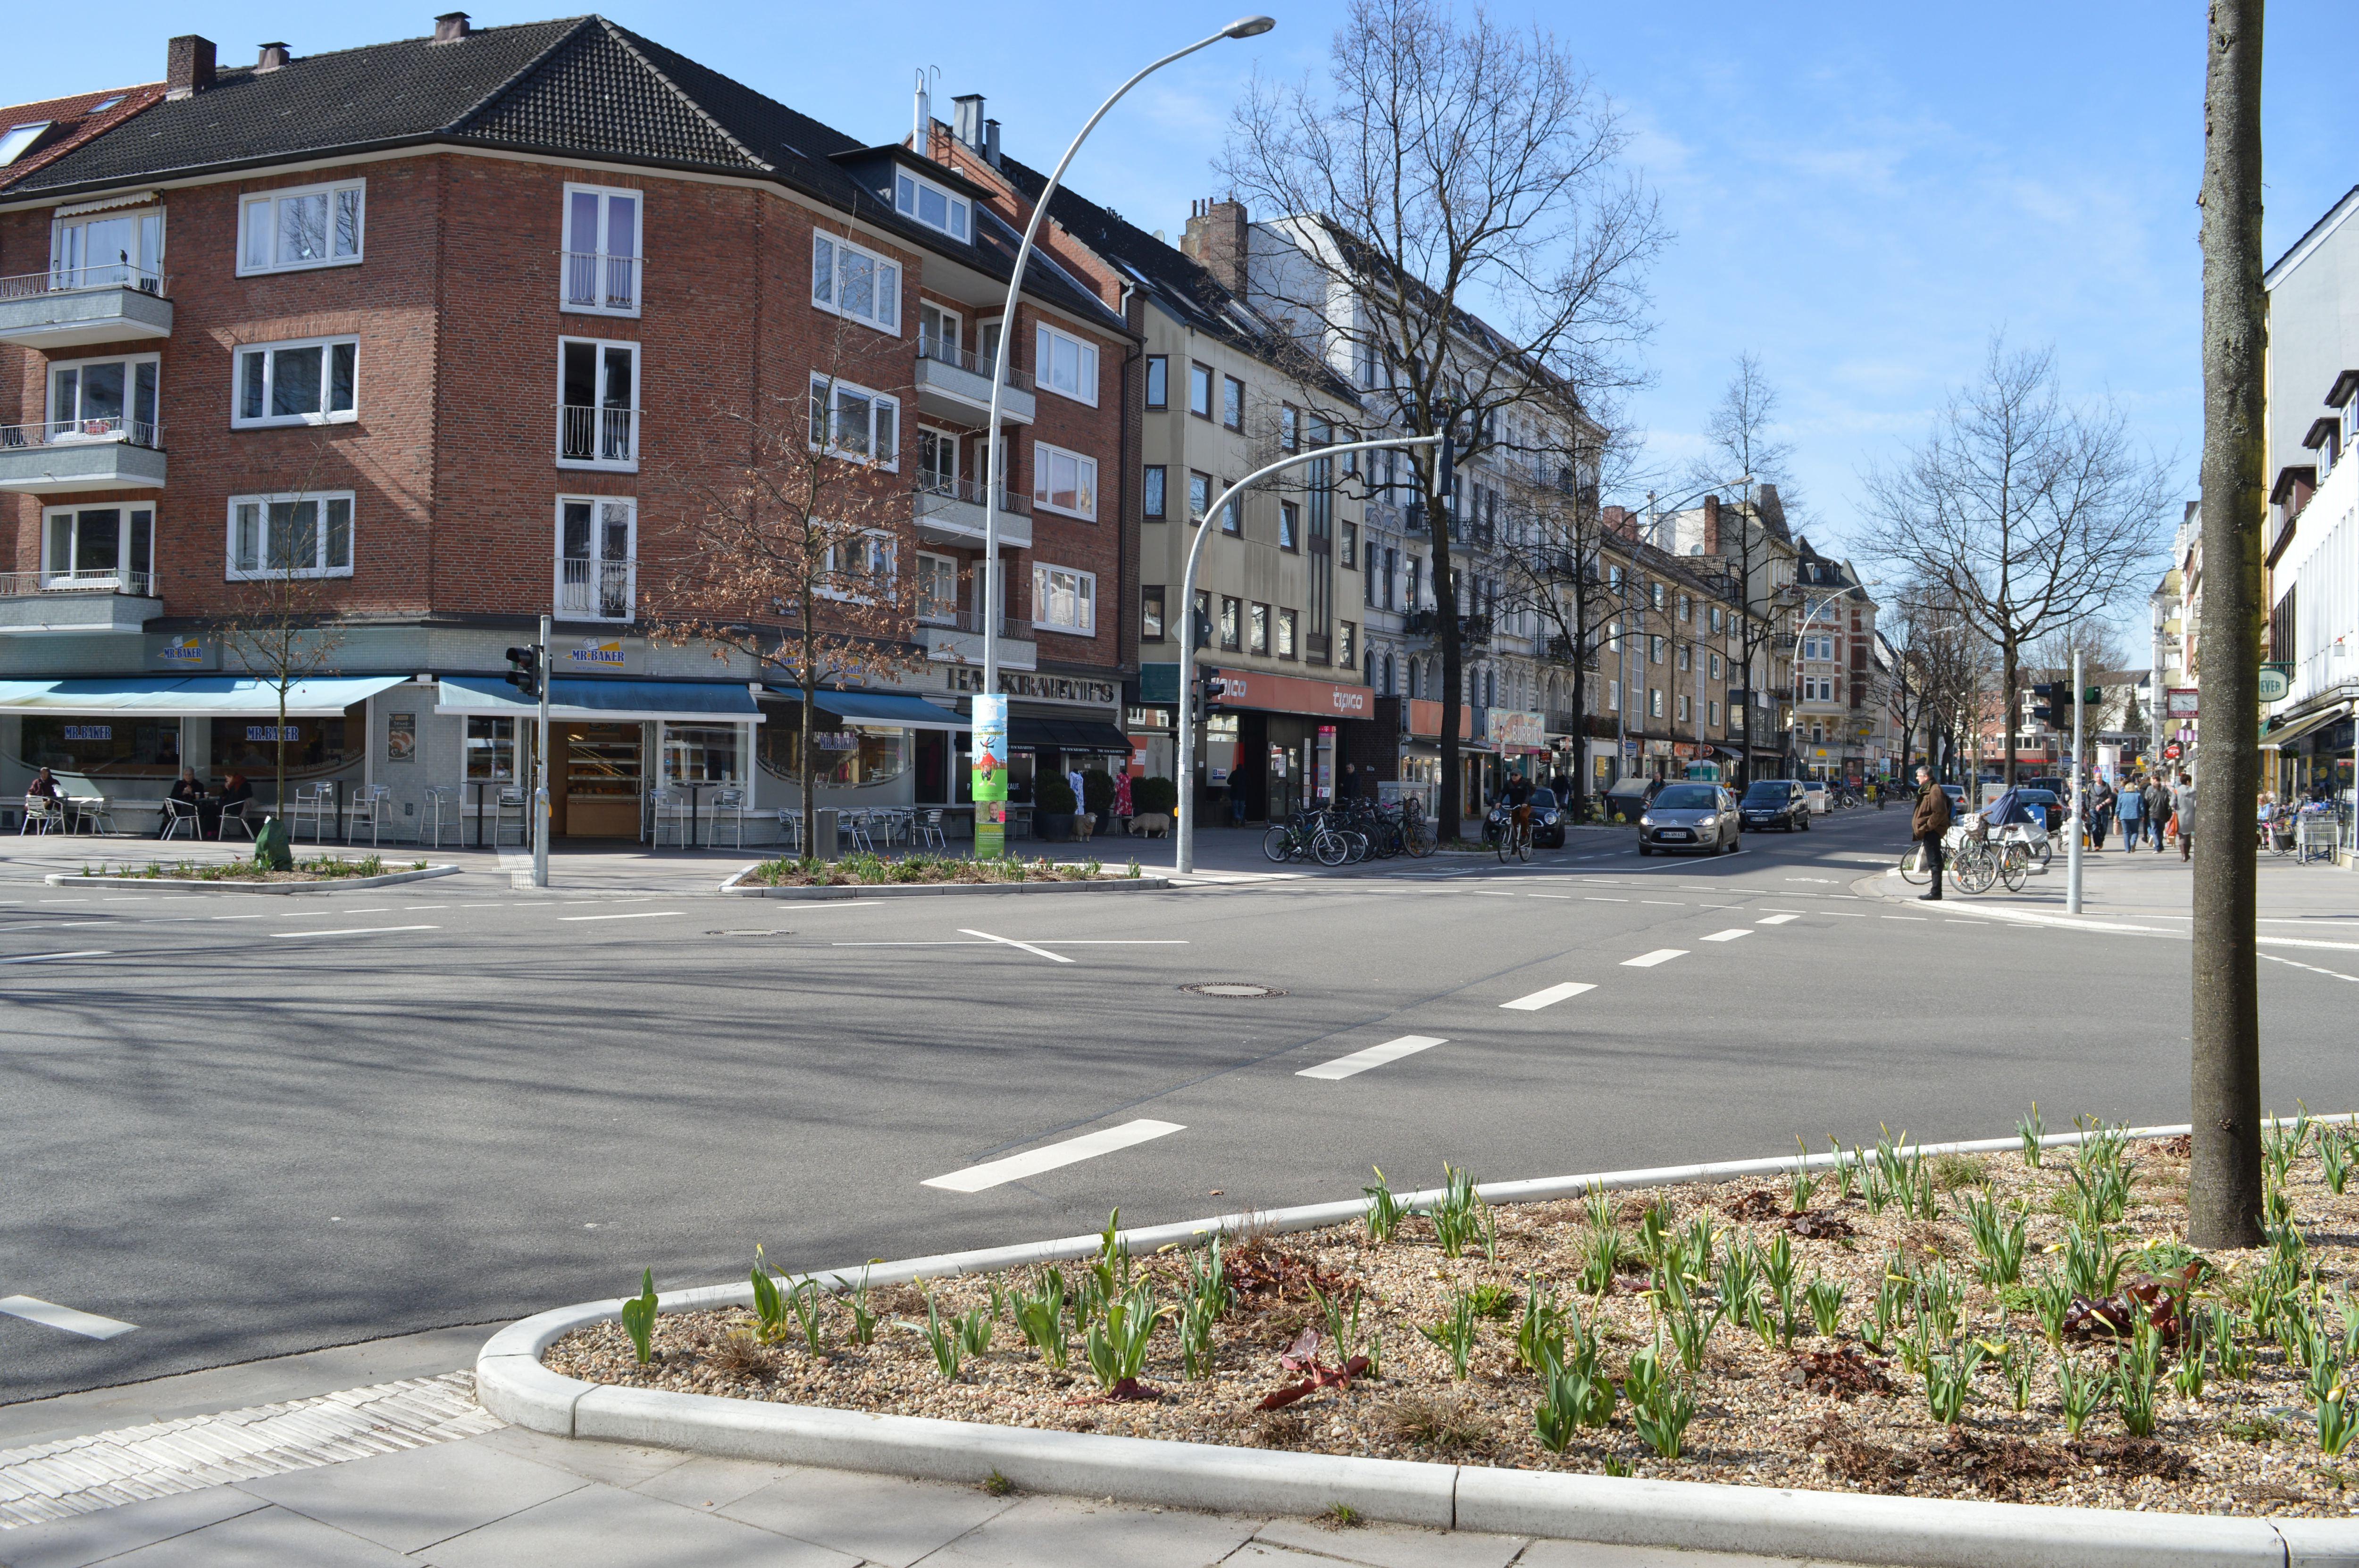 Verkaufsoffener Sonntag – die Osterstraße ist dabei